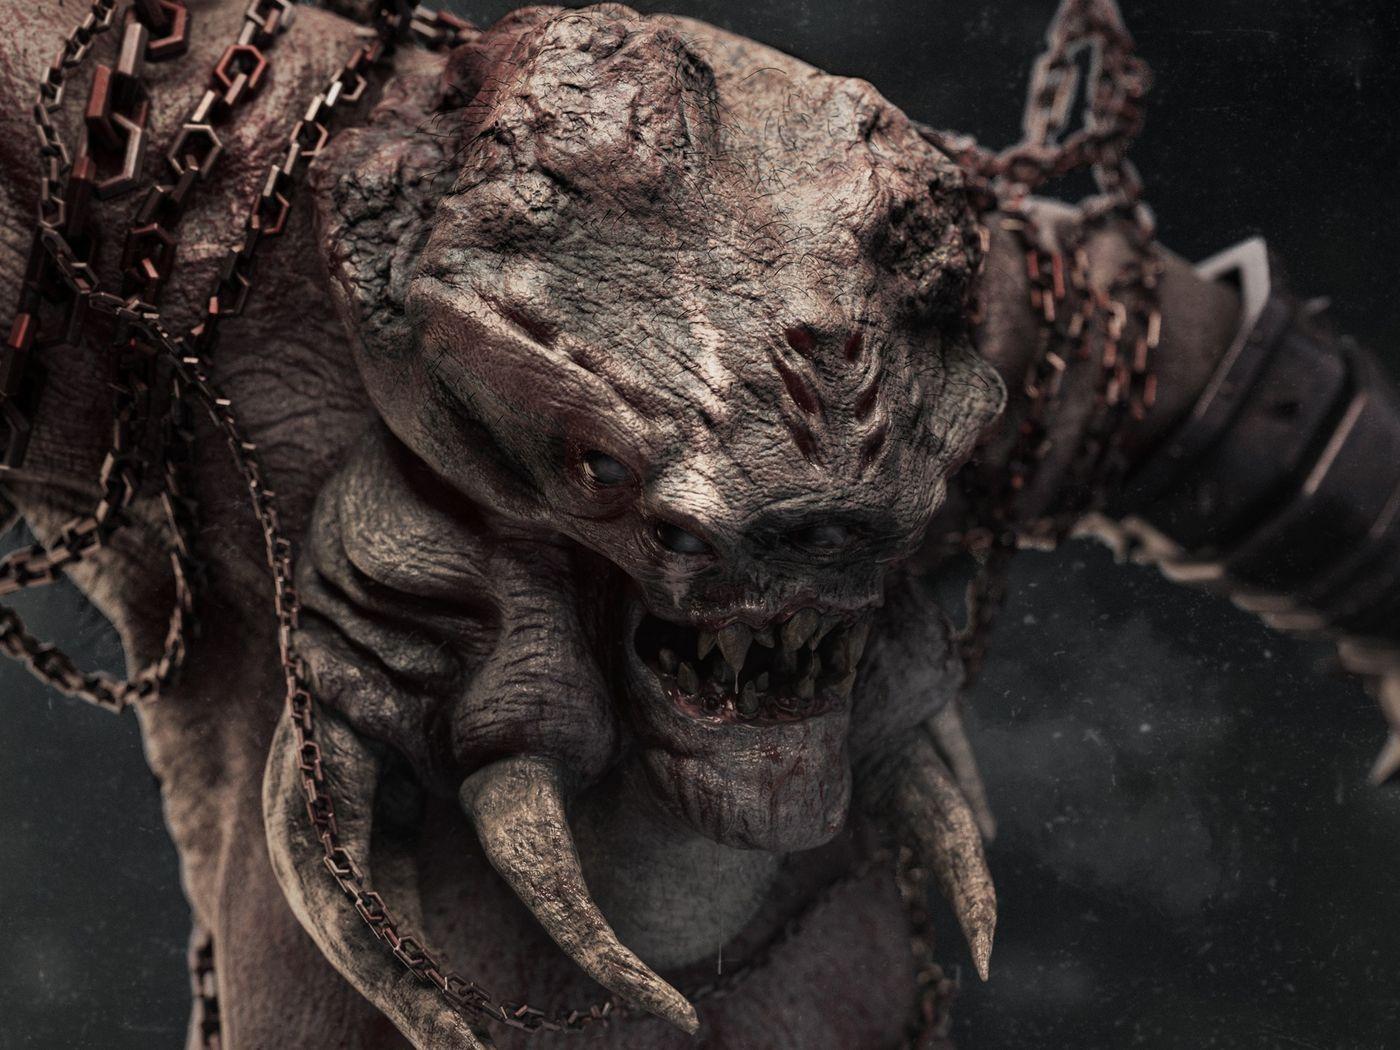 Araknarr // The Dark Ogre